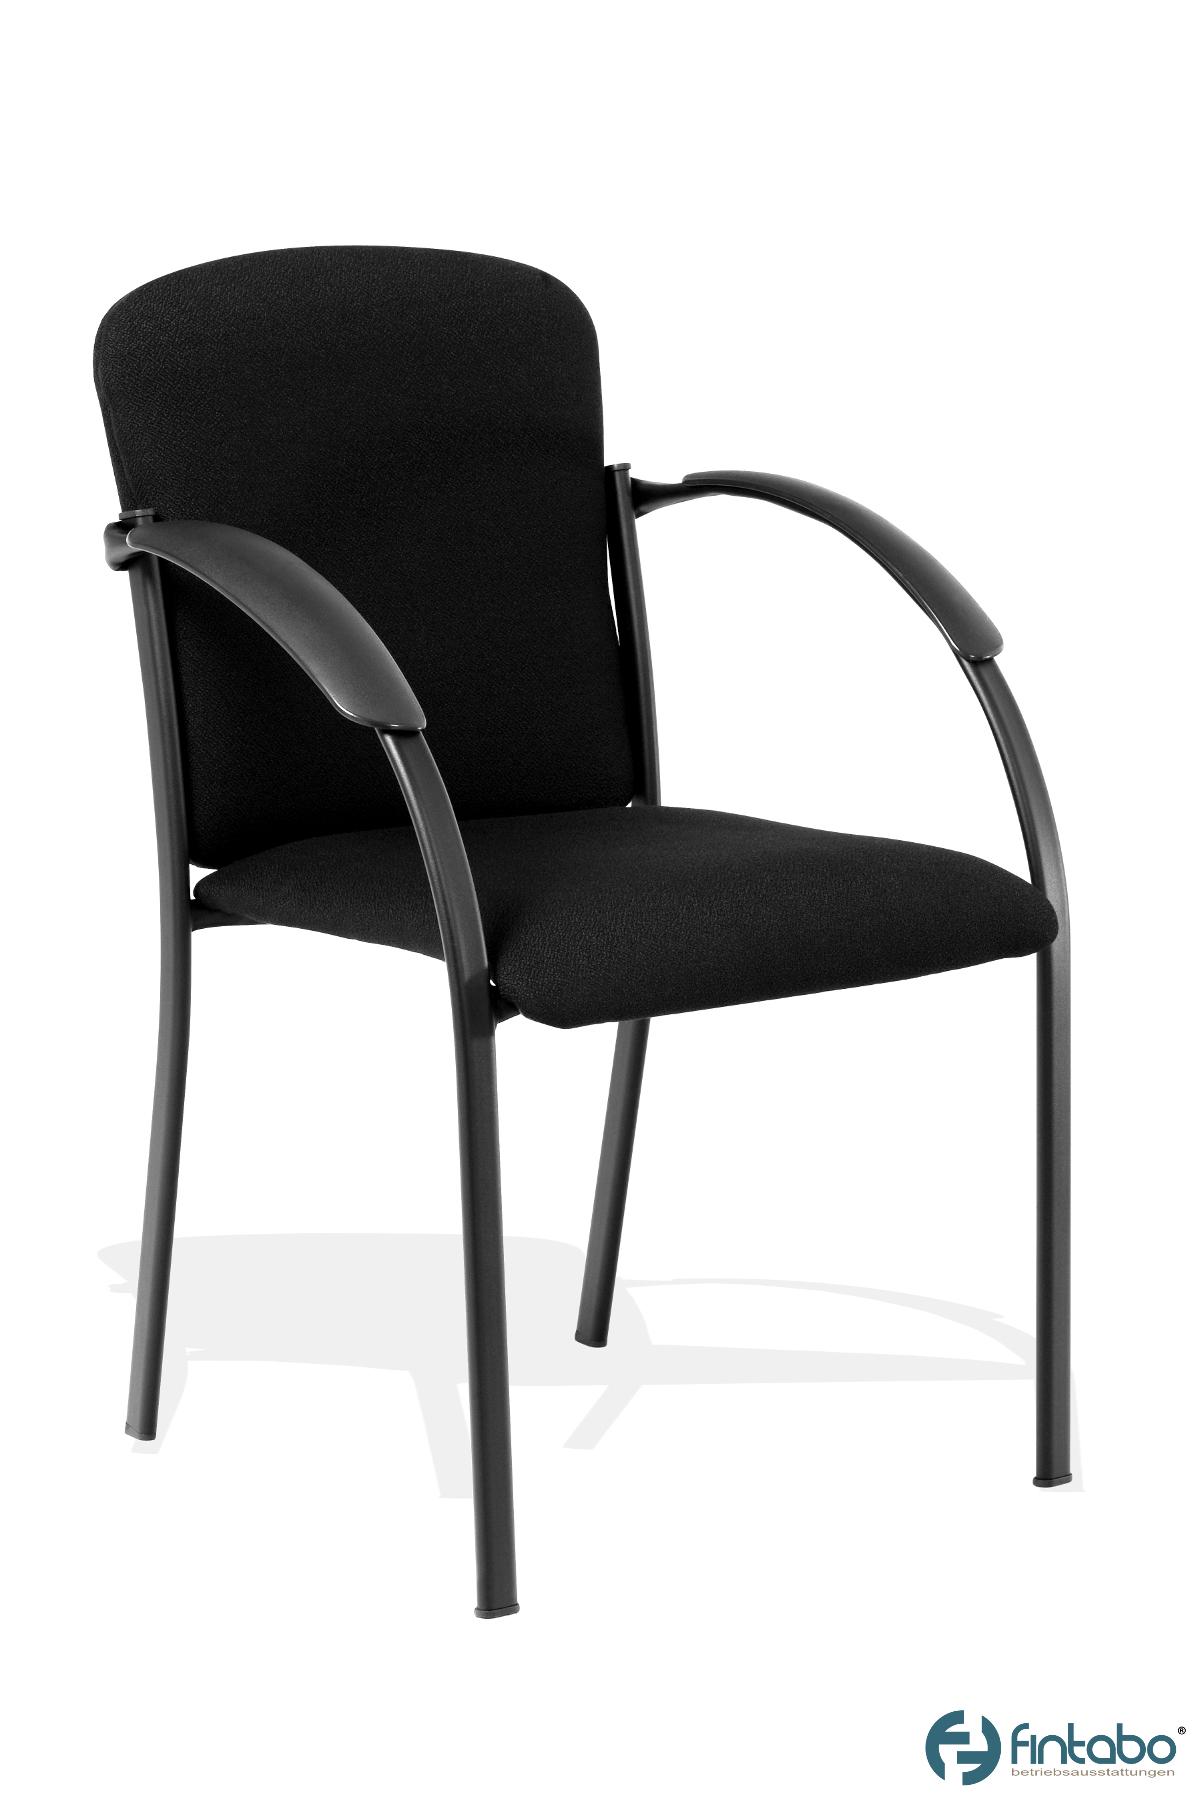 besucherst hle stapelst hle mit armlehnen expect. Black Bedroom Furniture Sets. Home Design Ideas